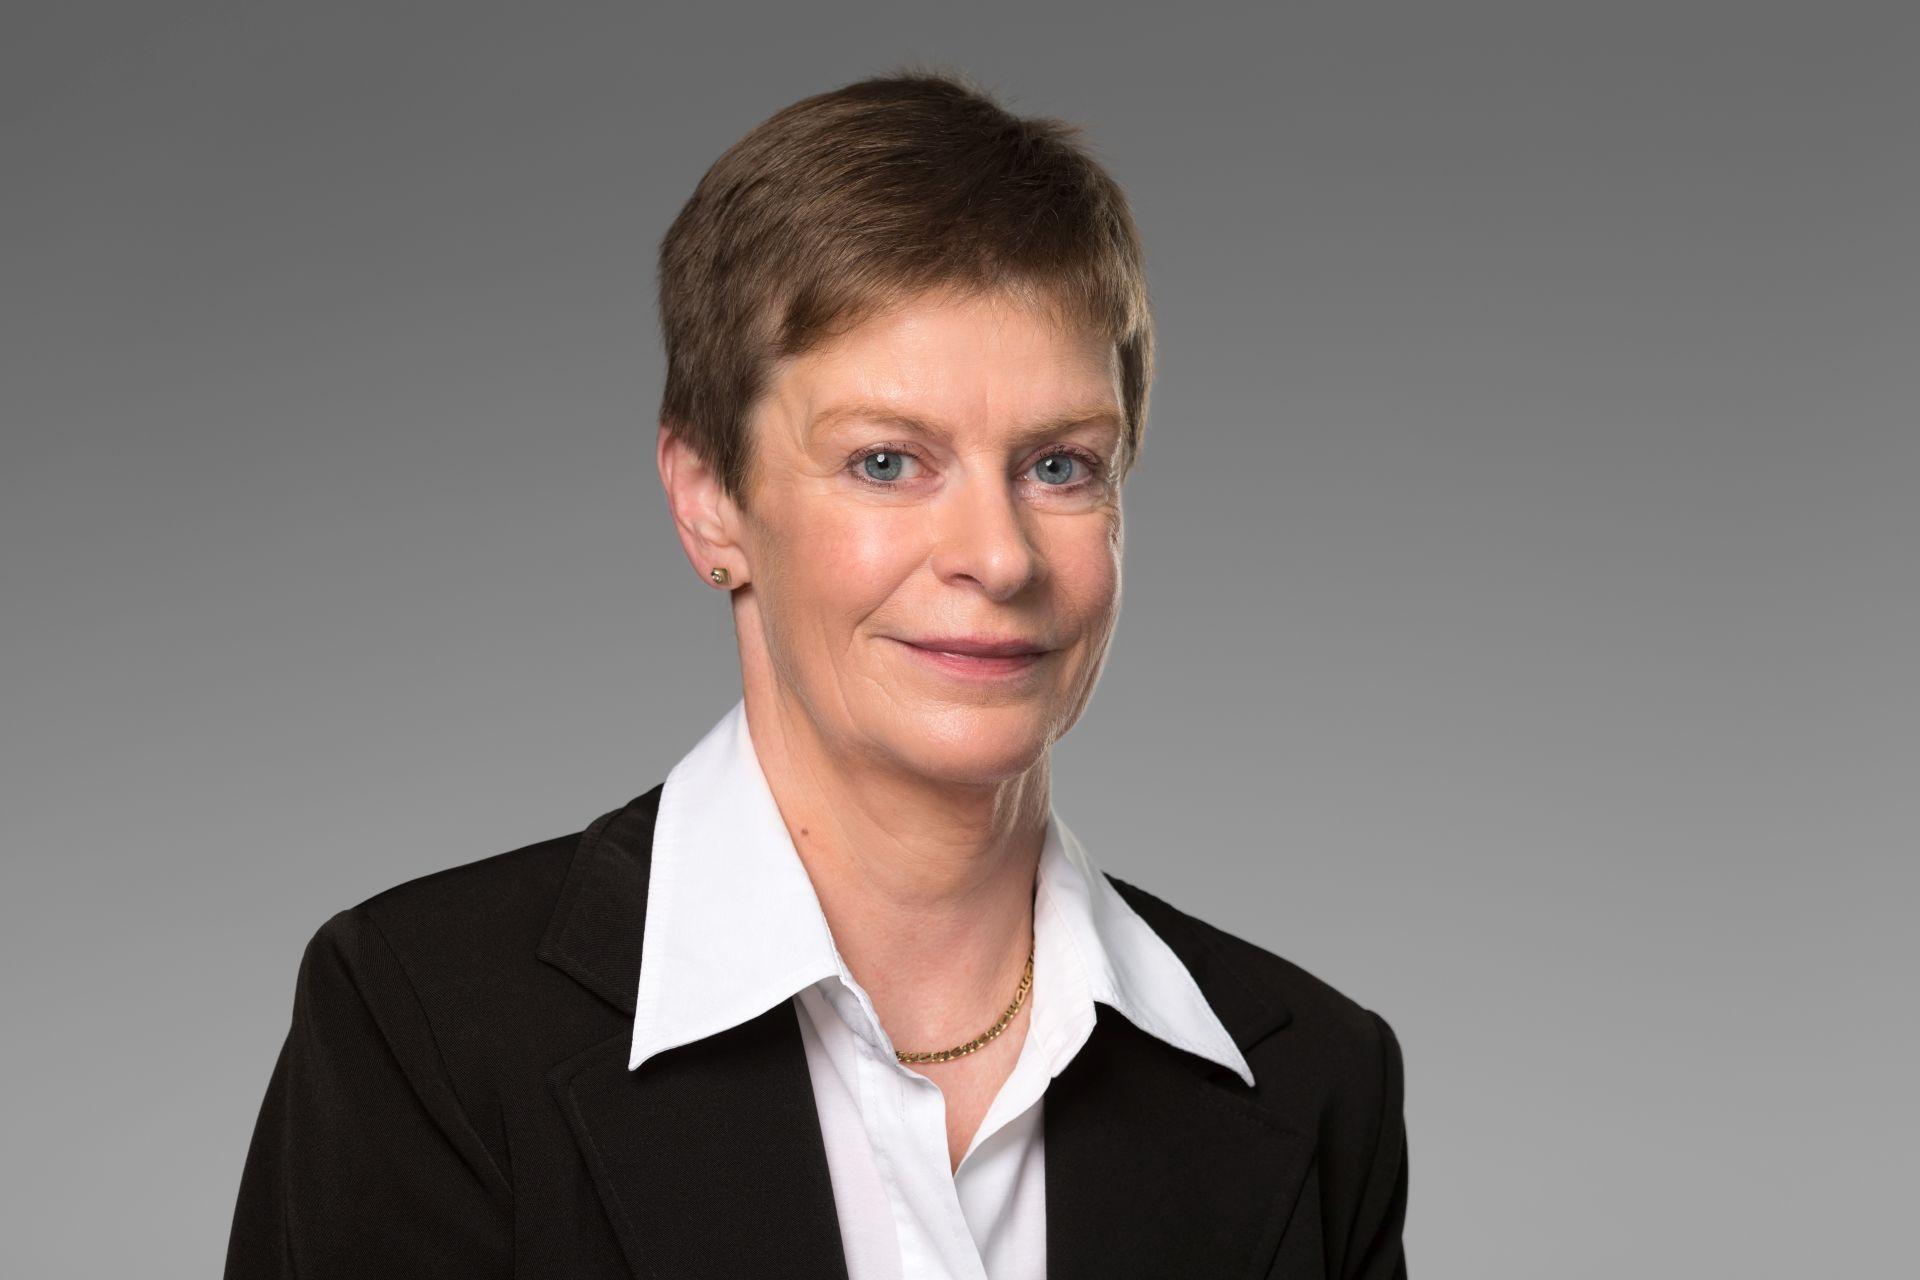 Dorothea Maaß